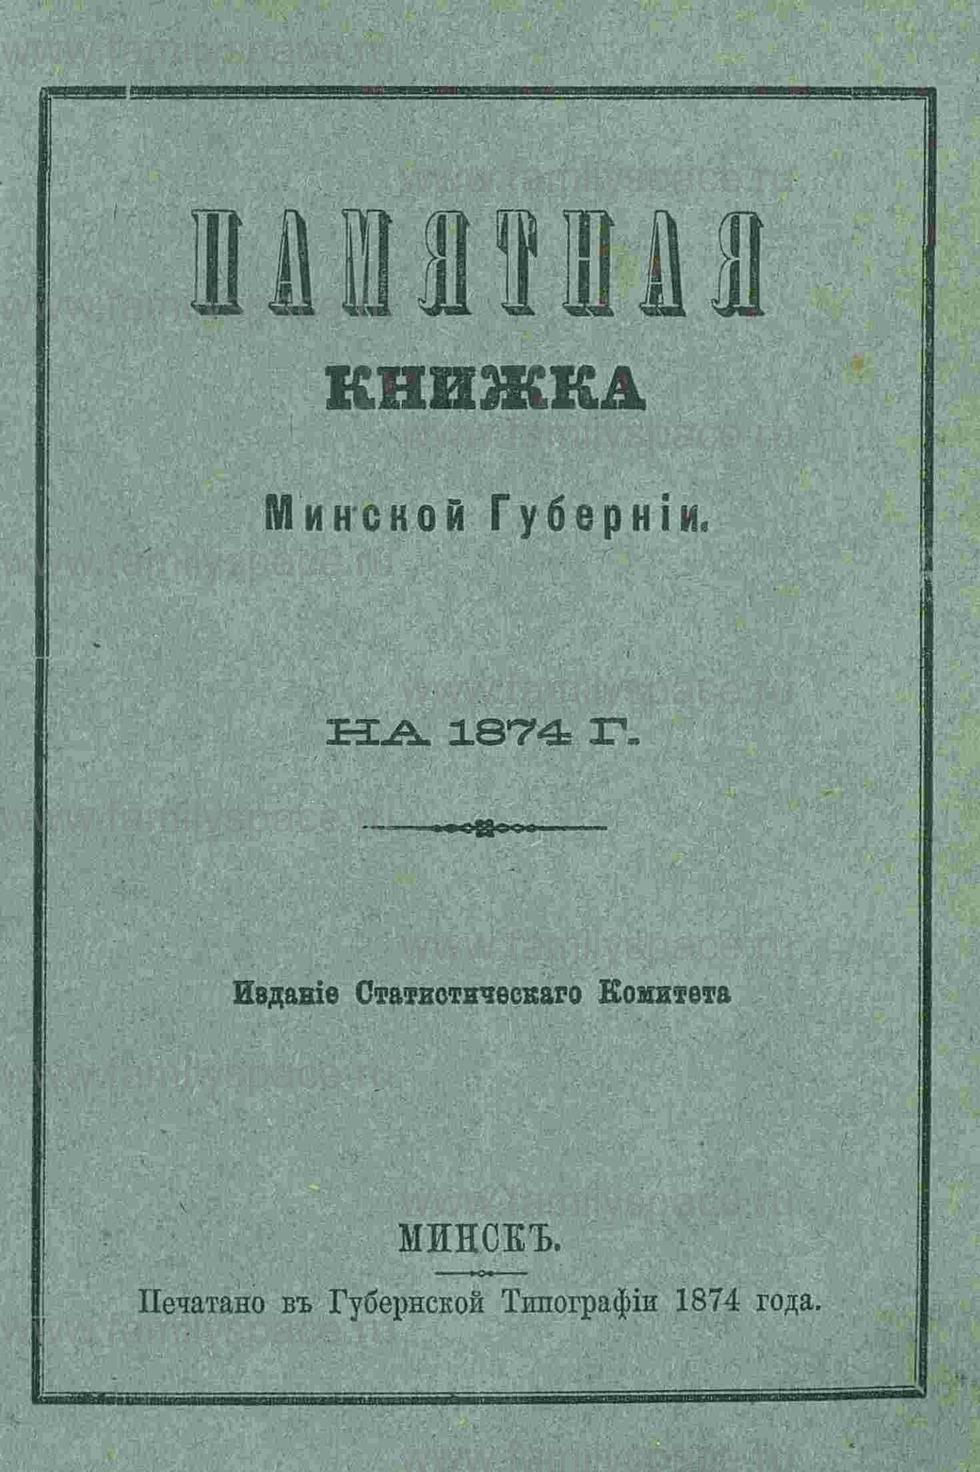 Поиск по фамилии - Памятная книжка Минской губернии на 1874 год, страница 3